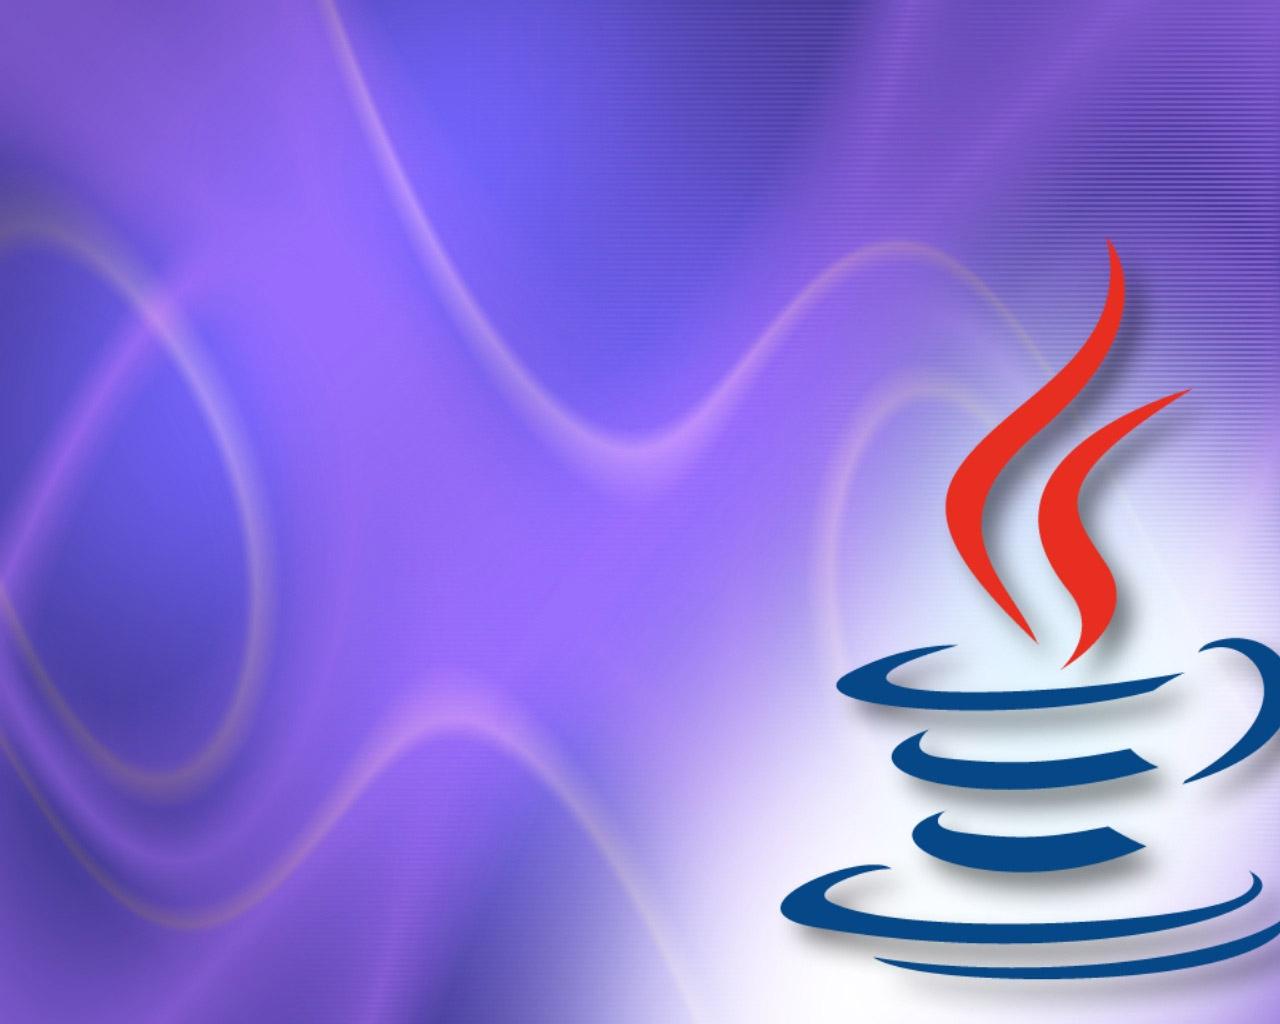 Love Wallpaper Java : Java Programming Wallpaper - WallpaperSafari